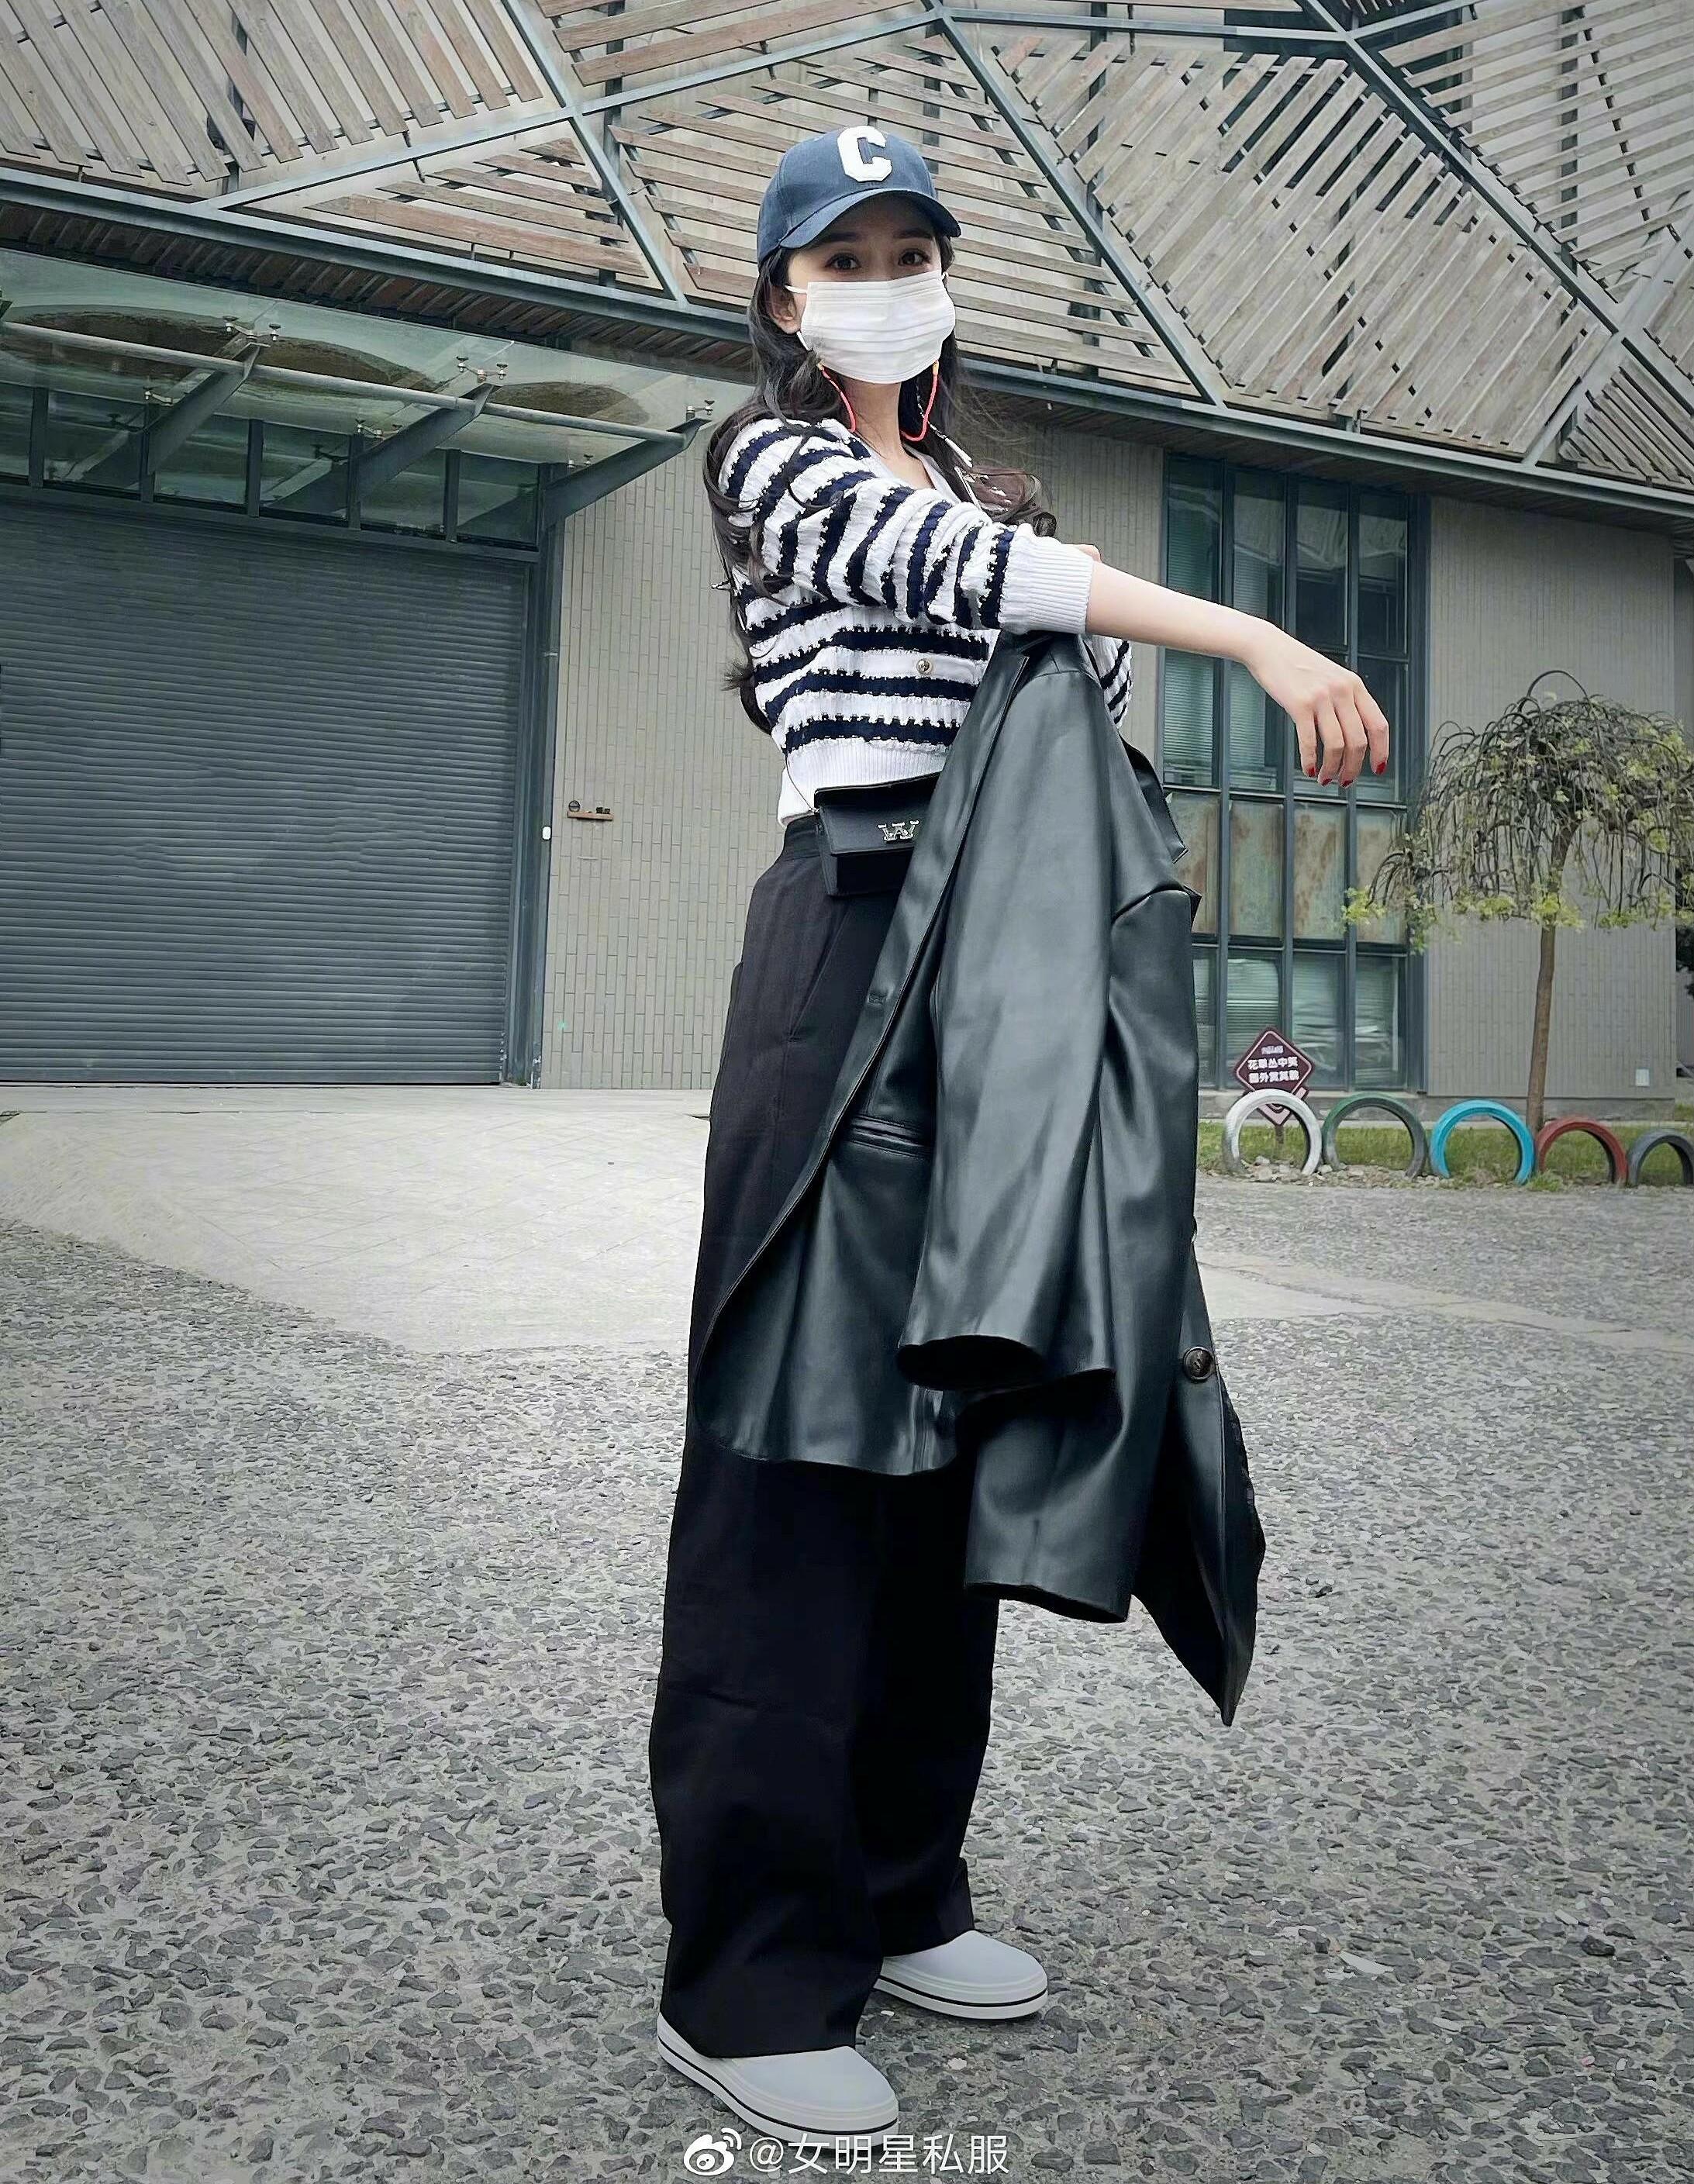 Không chỉ chưa làm hài lòng khán giả về thời trang thảm đỏ, street style của Dương Mịch cũng bị chê. Trong lần xuất hiện mới đây, nữ diễn viên trông khá hiện đại với áo len Chanel, quần thụng và blazer khỏe khoắn.